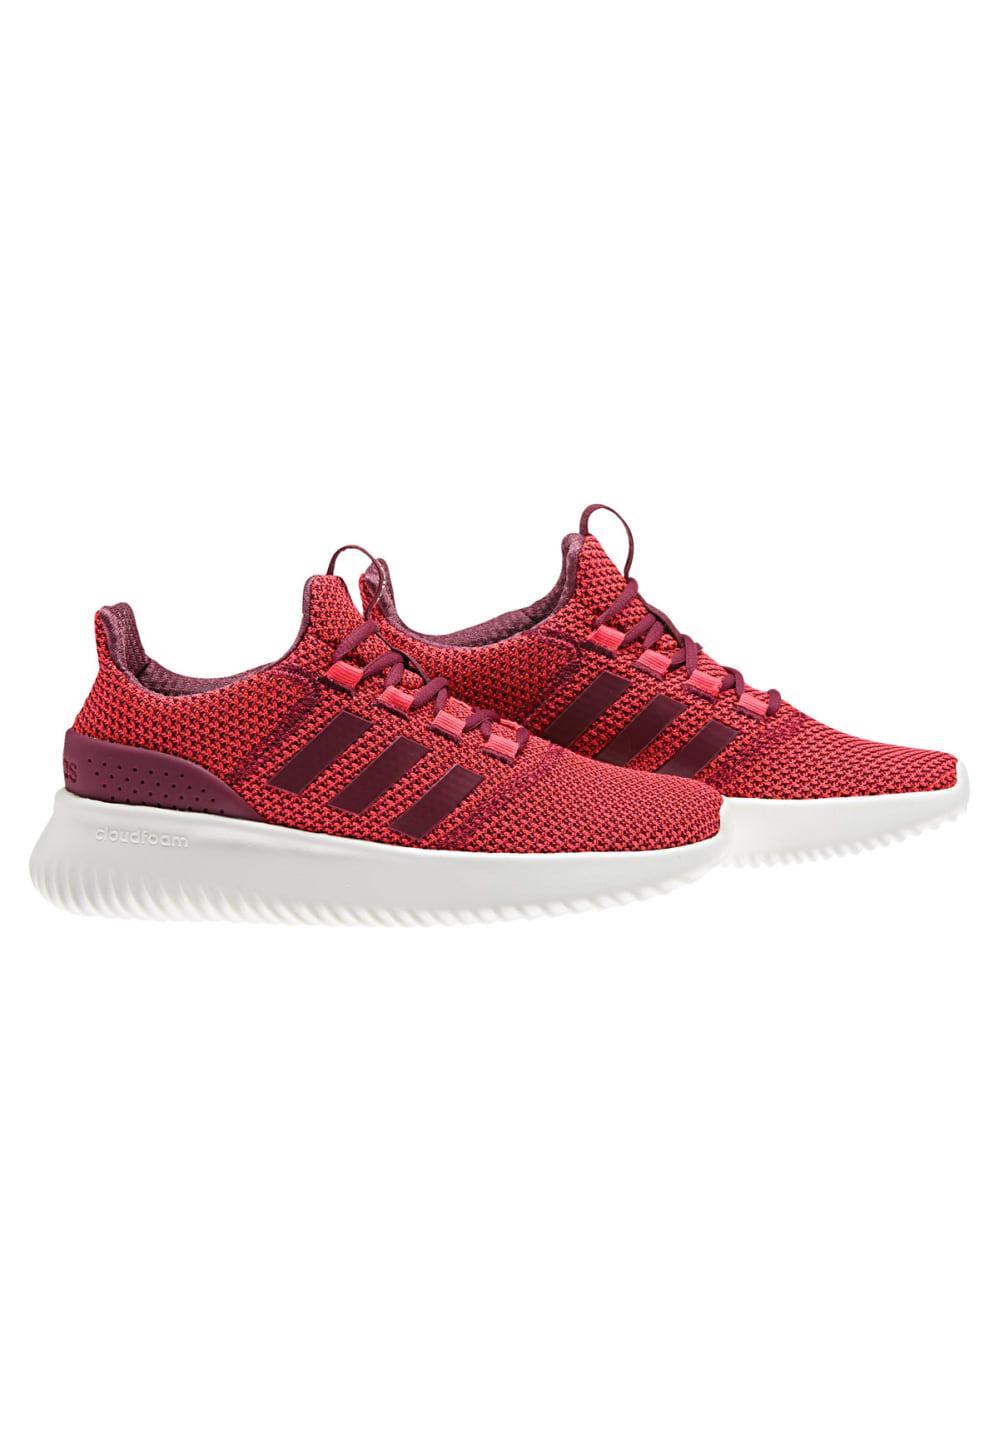 magasin en ligne 33396 22001 adidas neo Cloudfoam Ultimate - Baskets pour Femme - Rouge